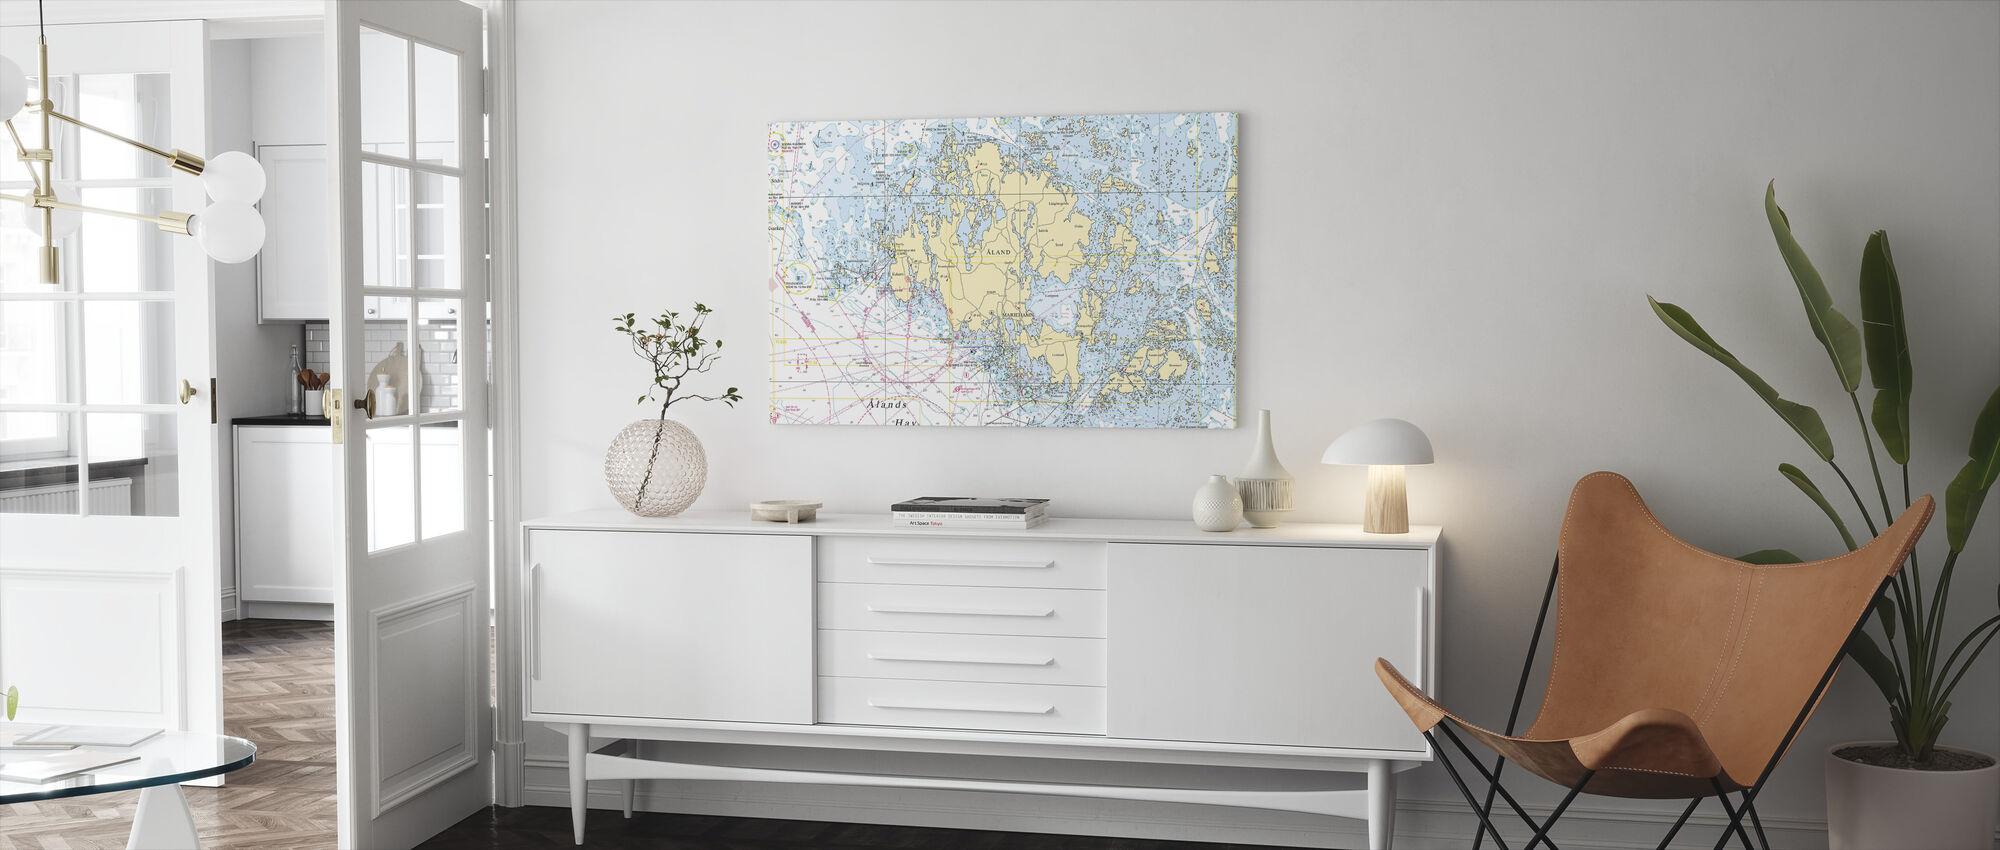 Aland Archipelago - Canvas print - Living Room